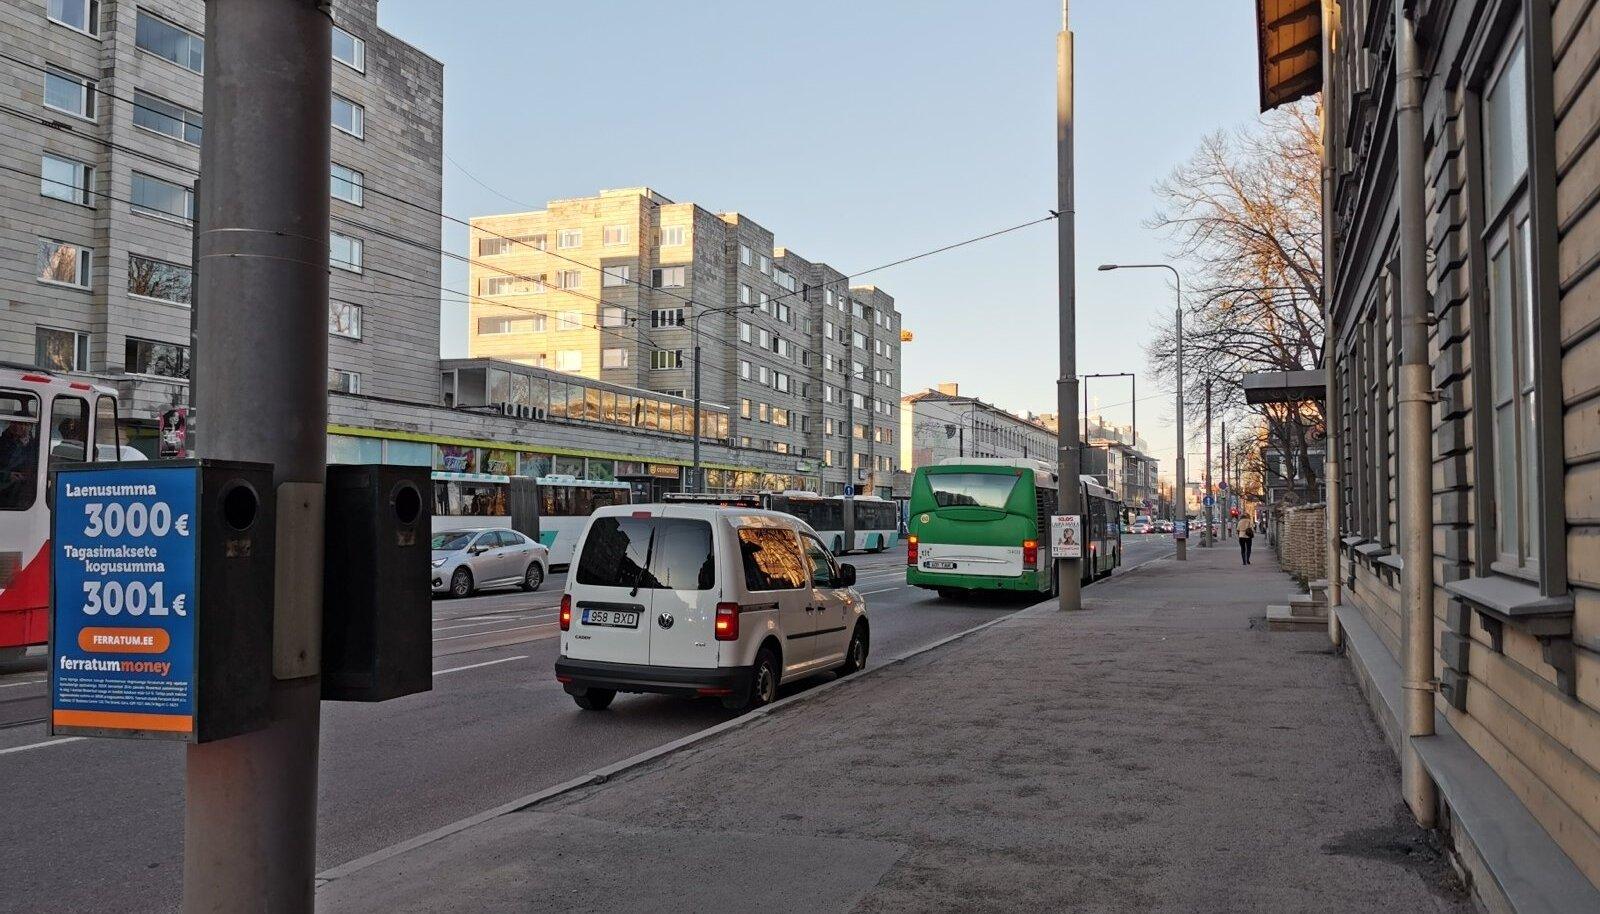 Kesklinnas järsult pidurdama pidanud bussis sai kaks inimest viga